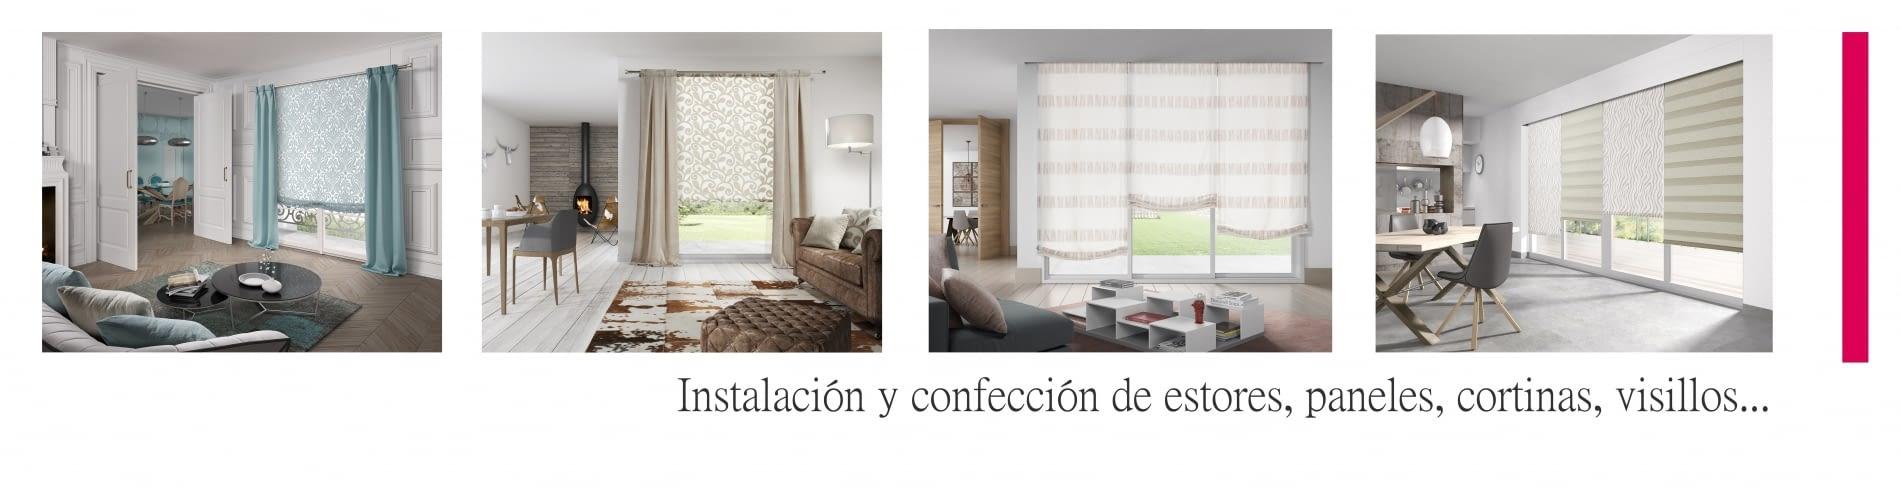 Instalación y confección